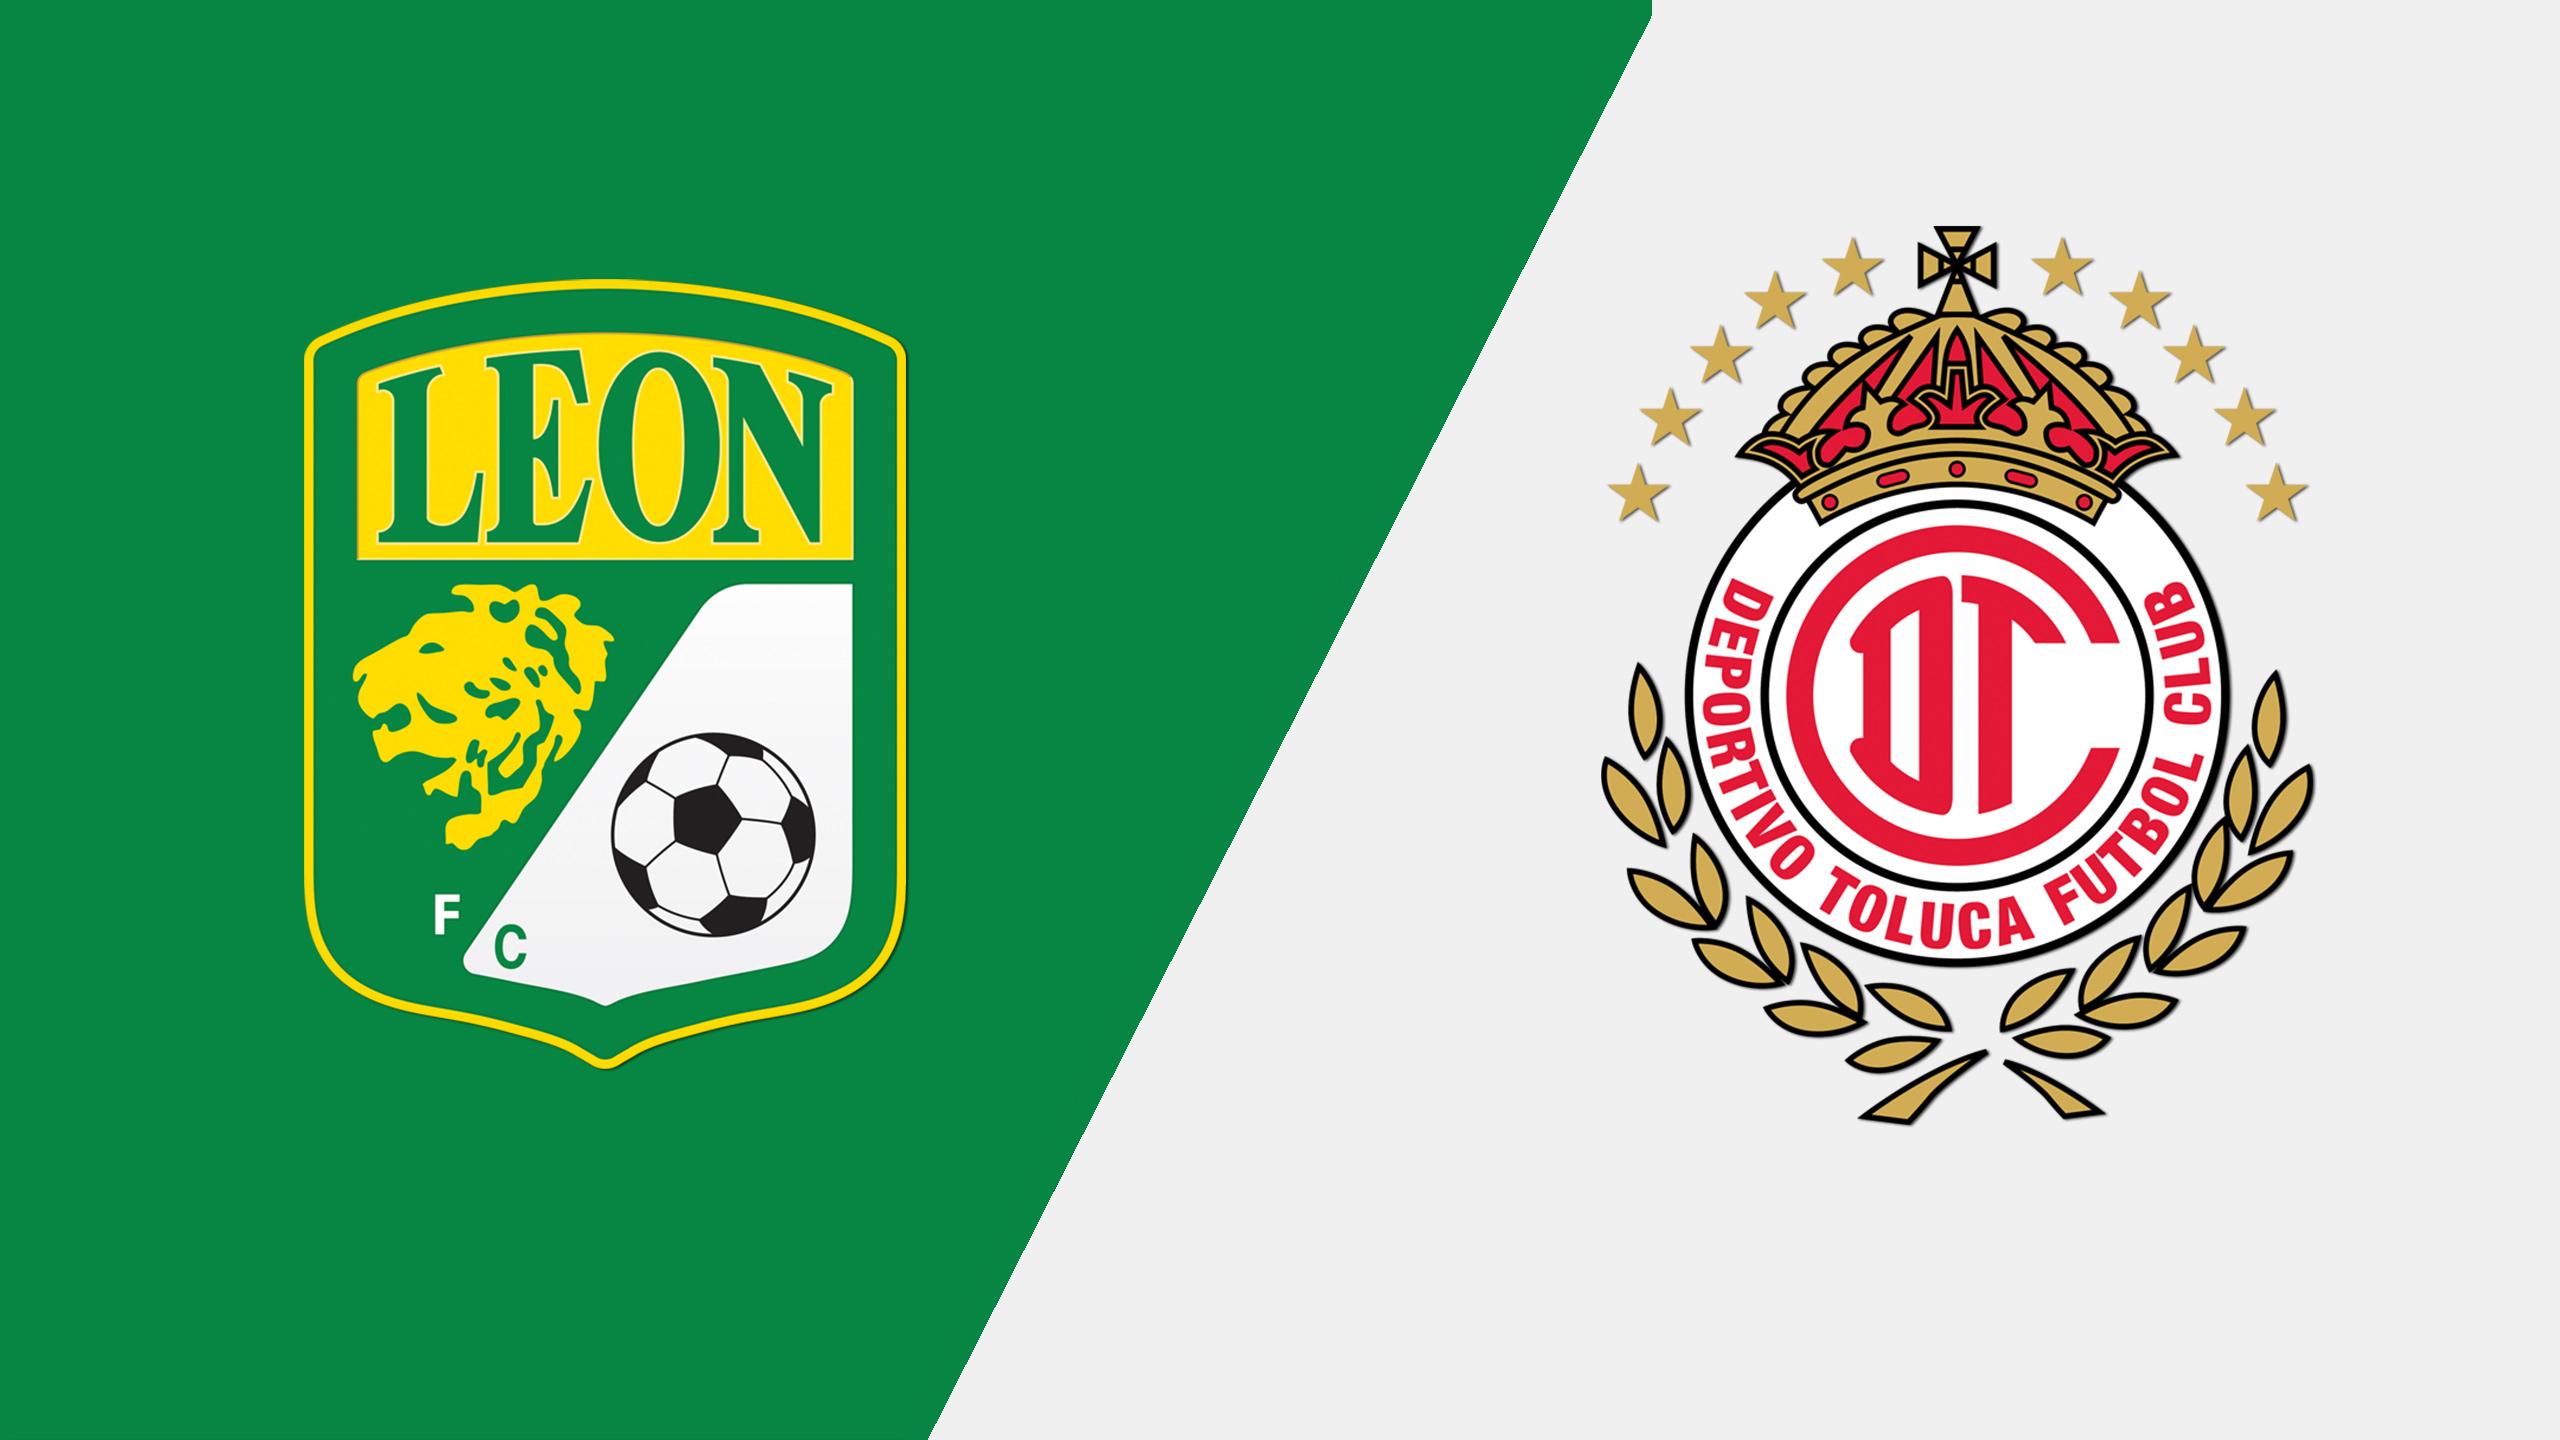 Club León vs. Diablos Rojos del Toluca (Jornada 7)